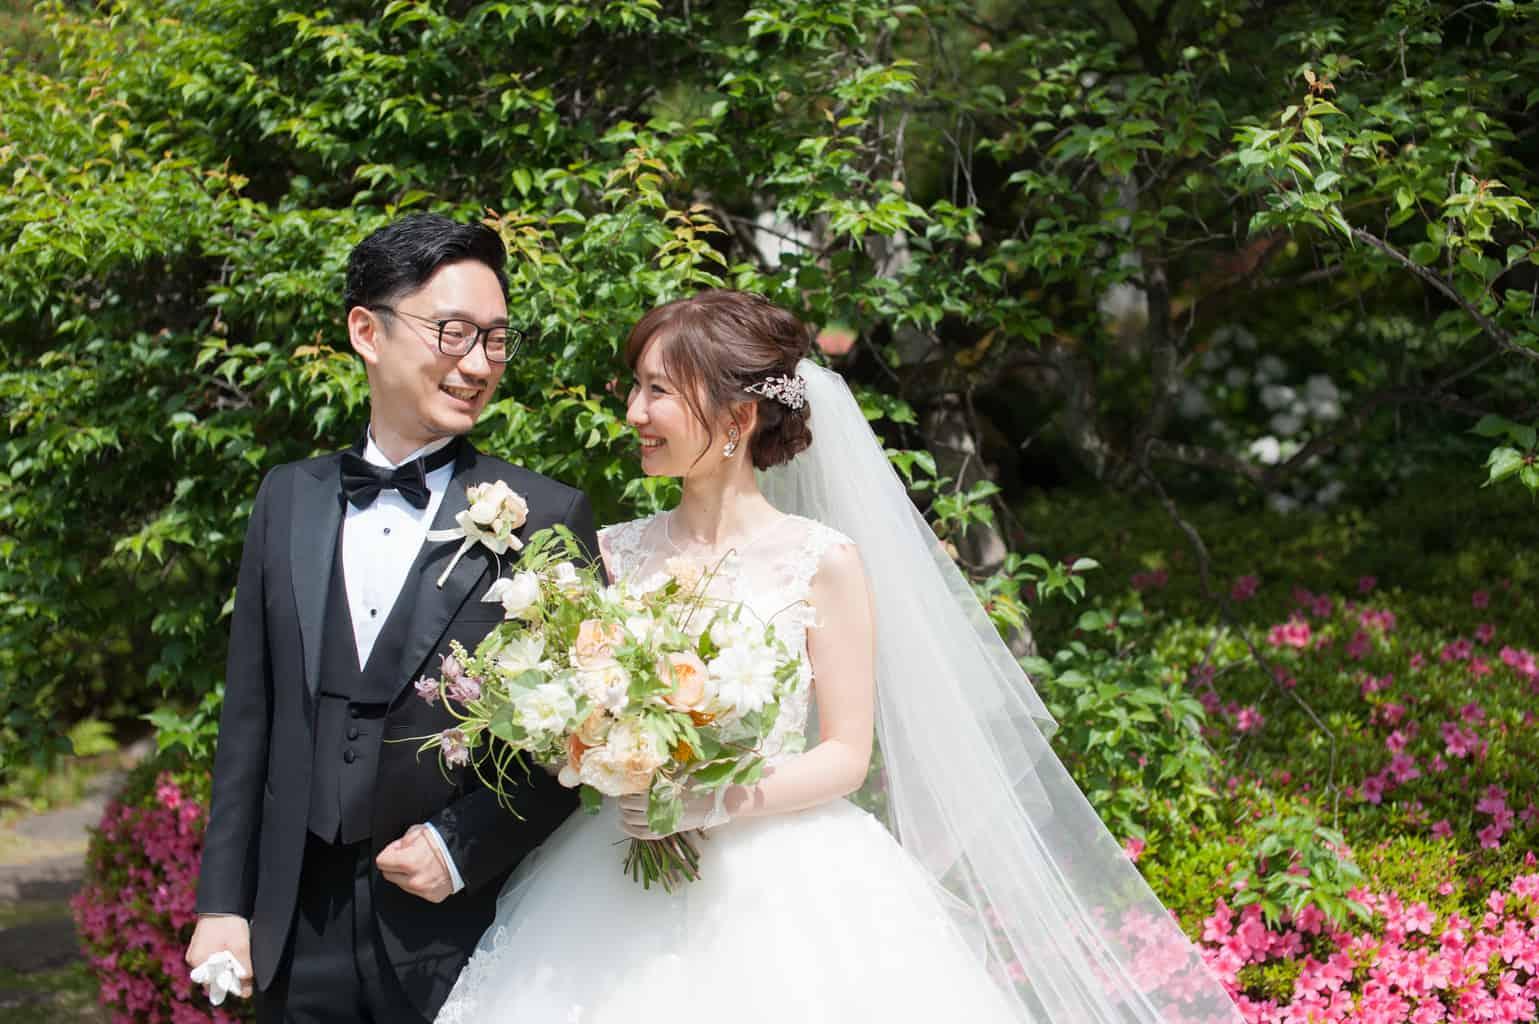 【100万も安くなる?】格安婚サービス人気ランキング♡スマ婚やハナユメは何位?のカバー写真